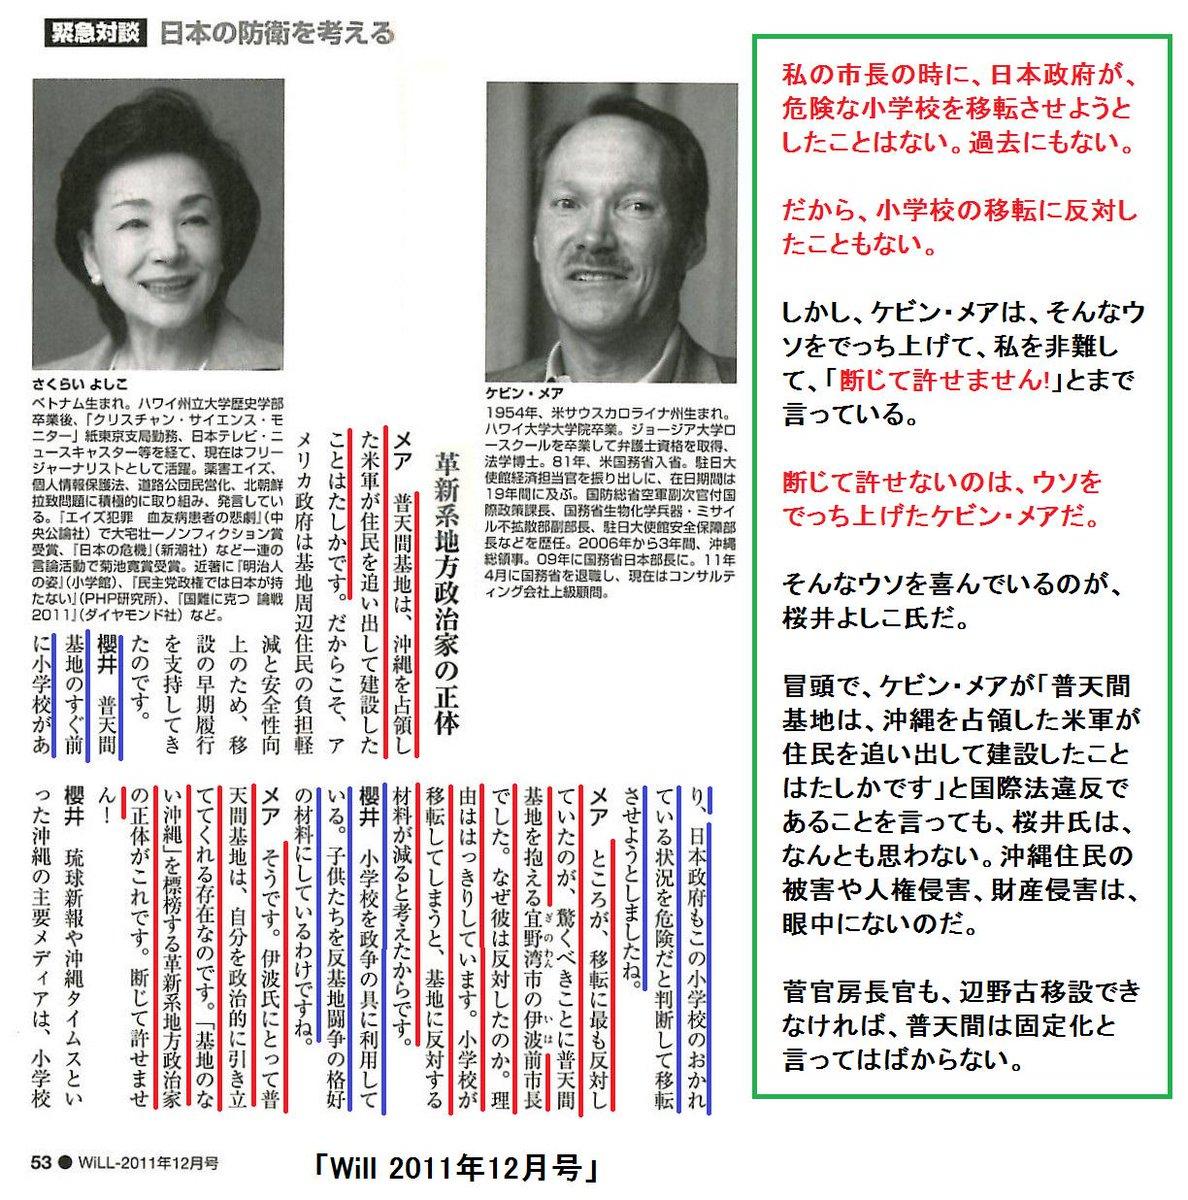 これが「WiLL 2011年12月号」、元国務省日本部長のケビン・メアと桜井よしこ氏が対談。ケビン・メアがでっち上げたウソを桜井氏が喜んで聞いている。米軍が占領して住民を追い出して基地を建設したというケビン・メアの説明には無反応だ。 http://t.co/QffghnvJ8N